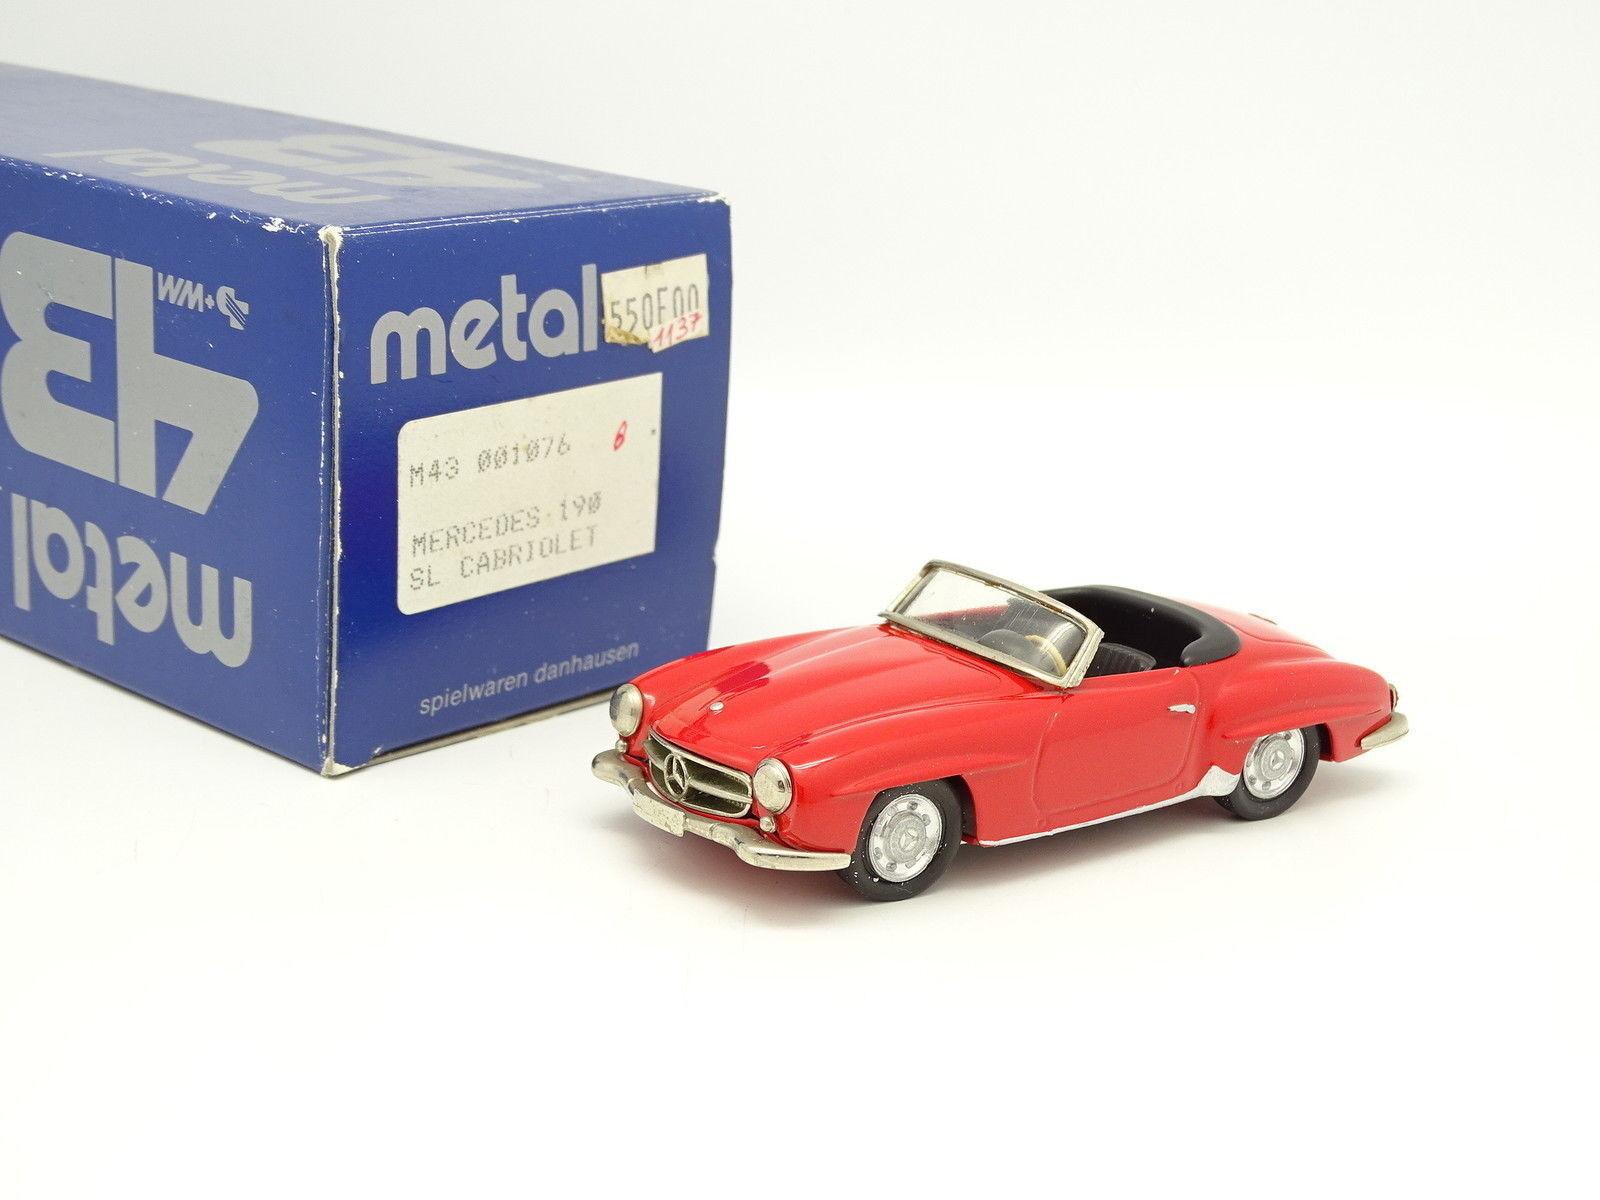 Danhausen whitea Metal 1 43 - Mercedes 190 SL Cabriolet red